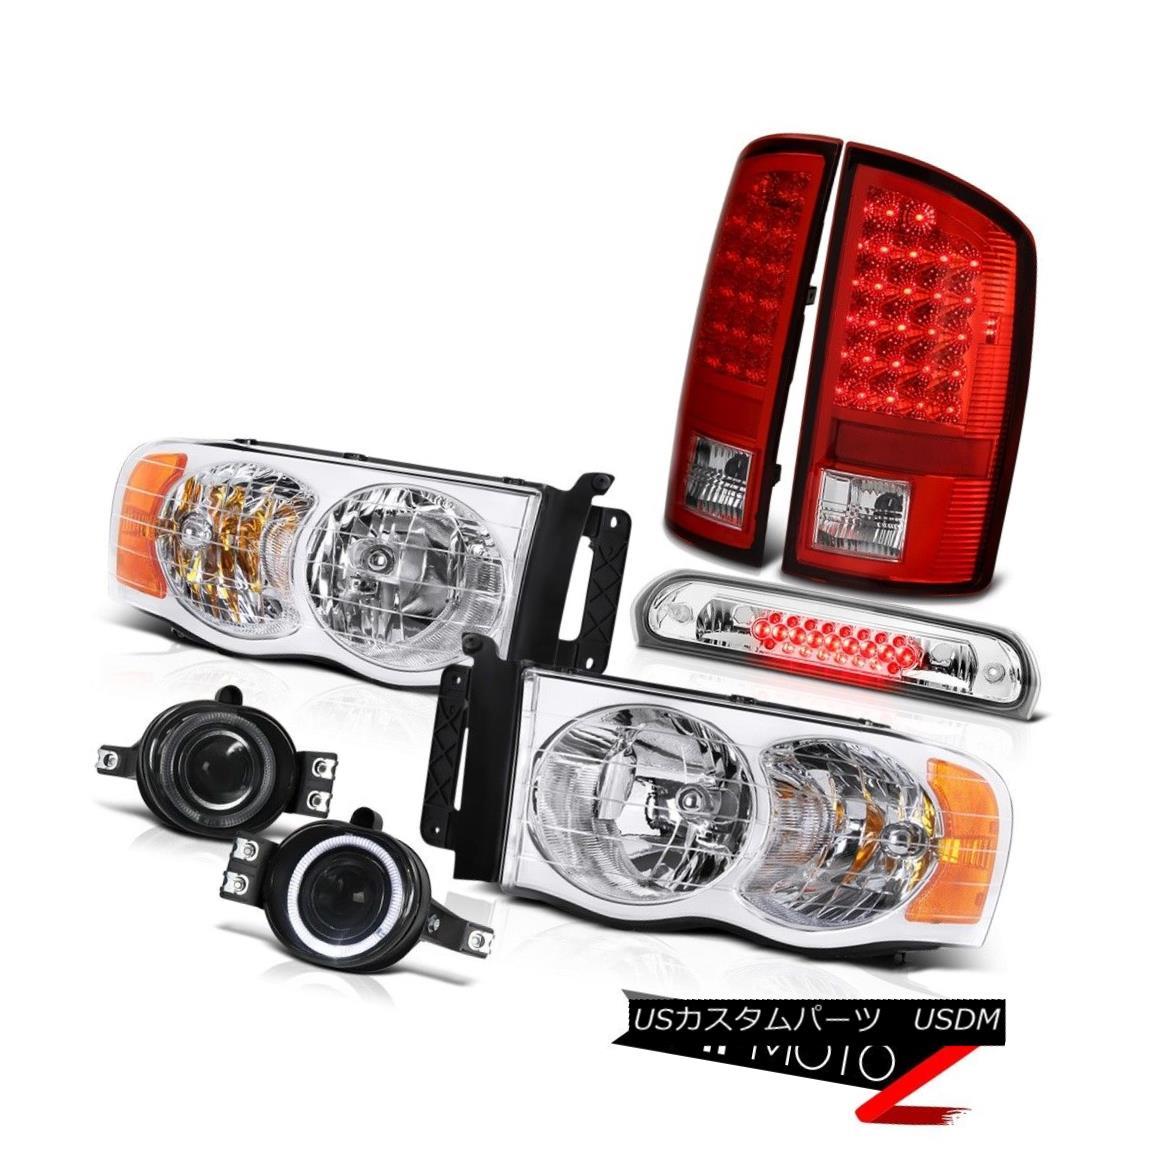 テールライト 02-05 Dodge Ram Pair New Headlights Bright LED Taillamps Fog Euro 3rd Brake LED 02-05ダッジラムペア新しいヘッドライト明るいLEDタイルランプフォッグユーロ第3ブレーキLED